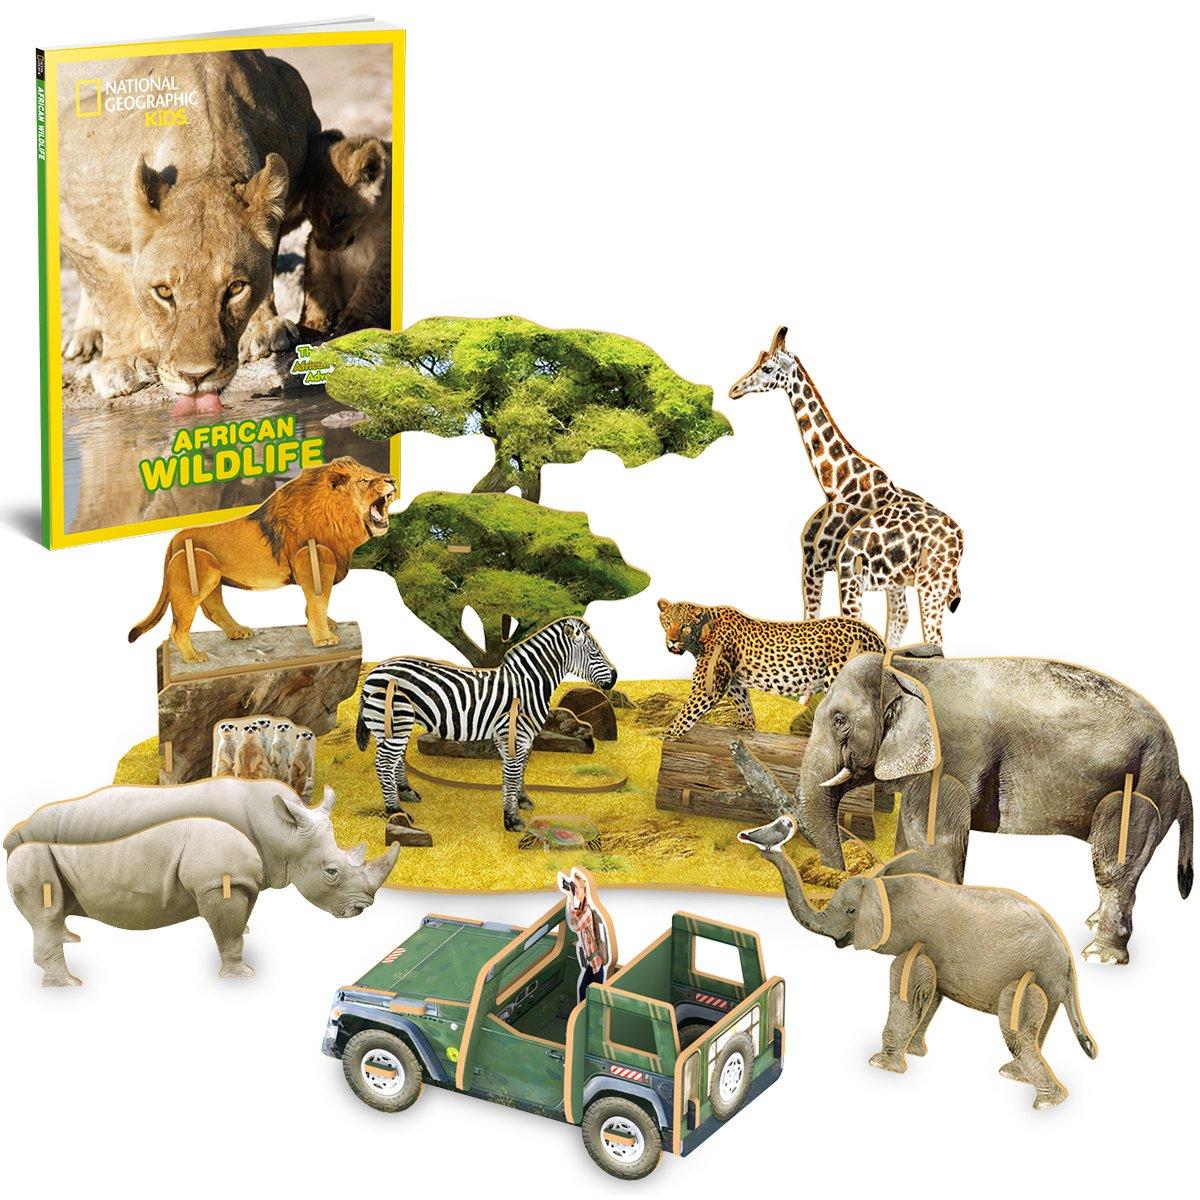 CubicFun - Puzzle con diseño de Animales y Naturaleza en 3D, Divertido para Que los niños jueguen con Delicado folleto: Amazon.es: Juguetes y juegos